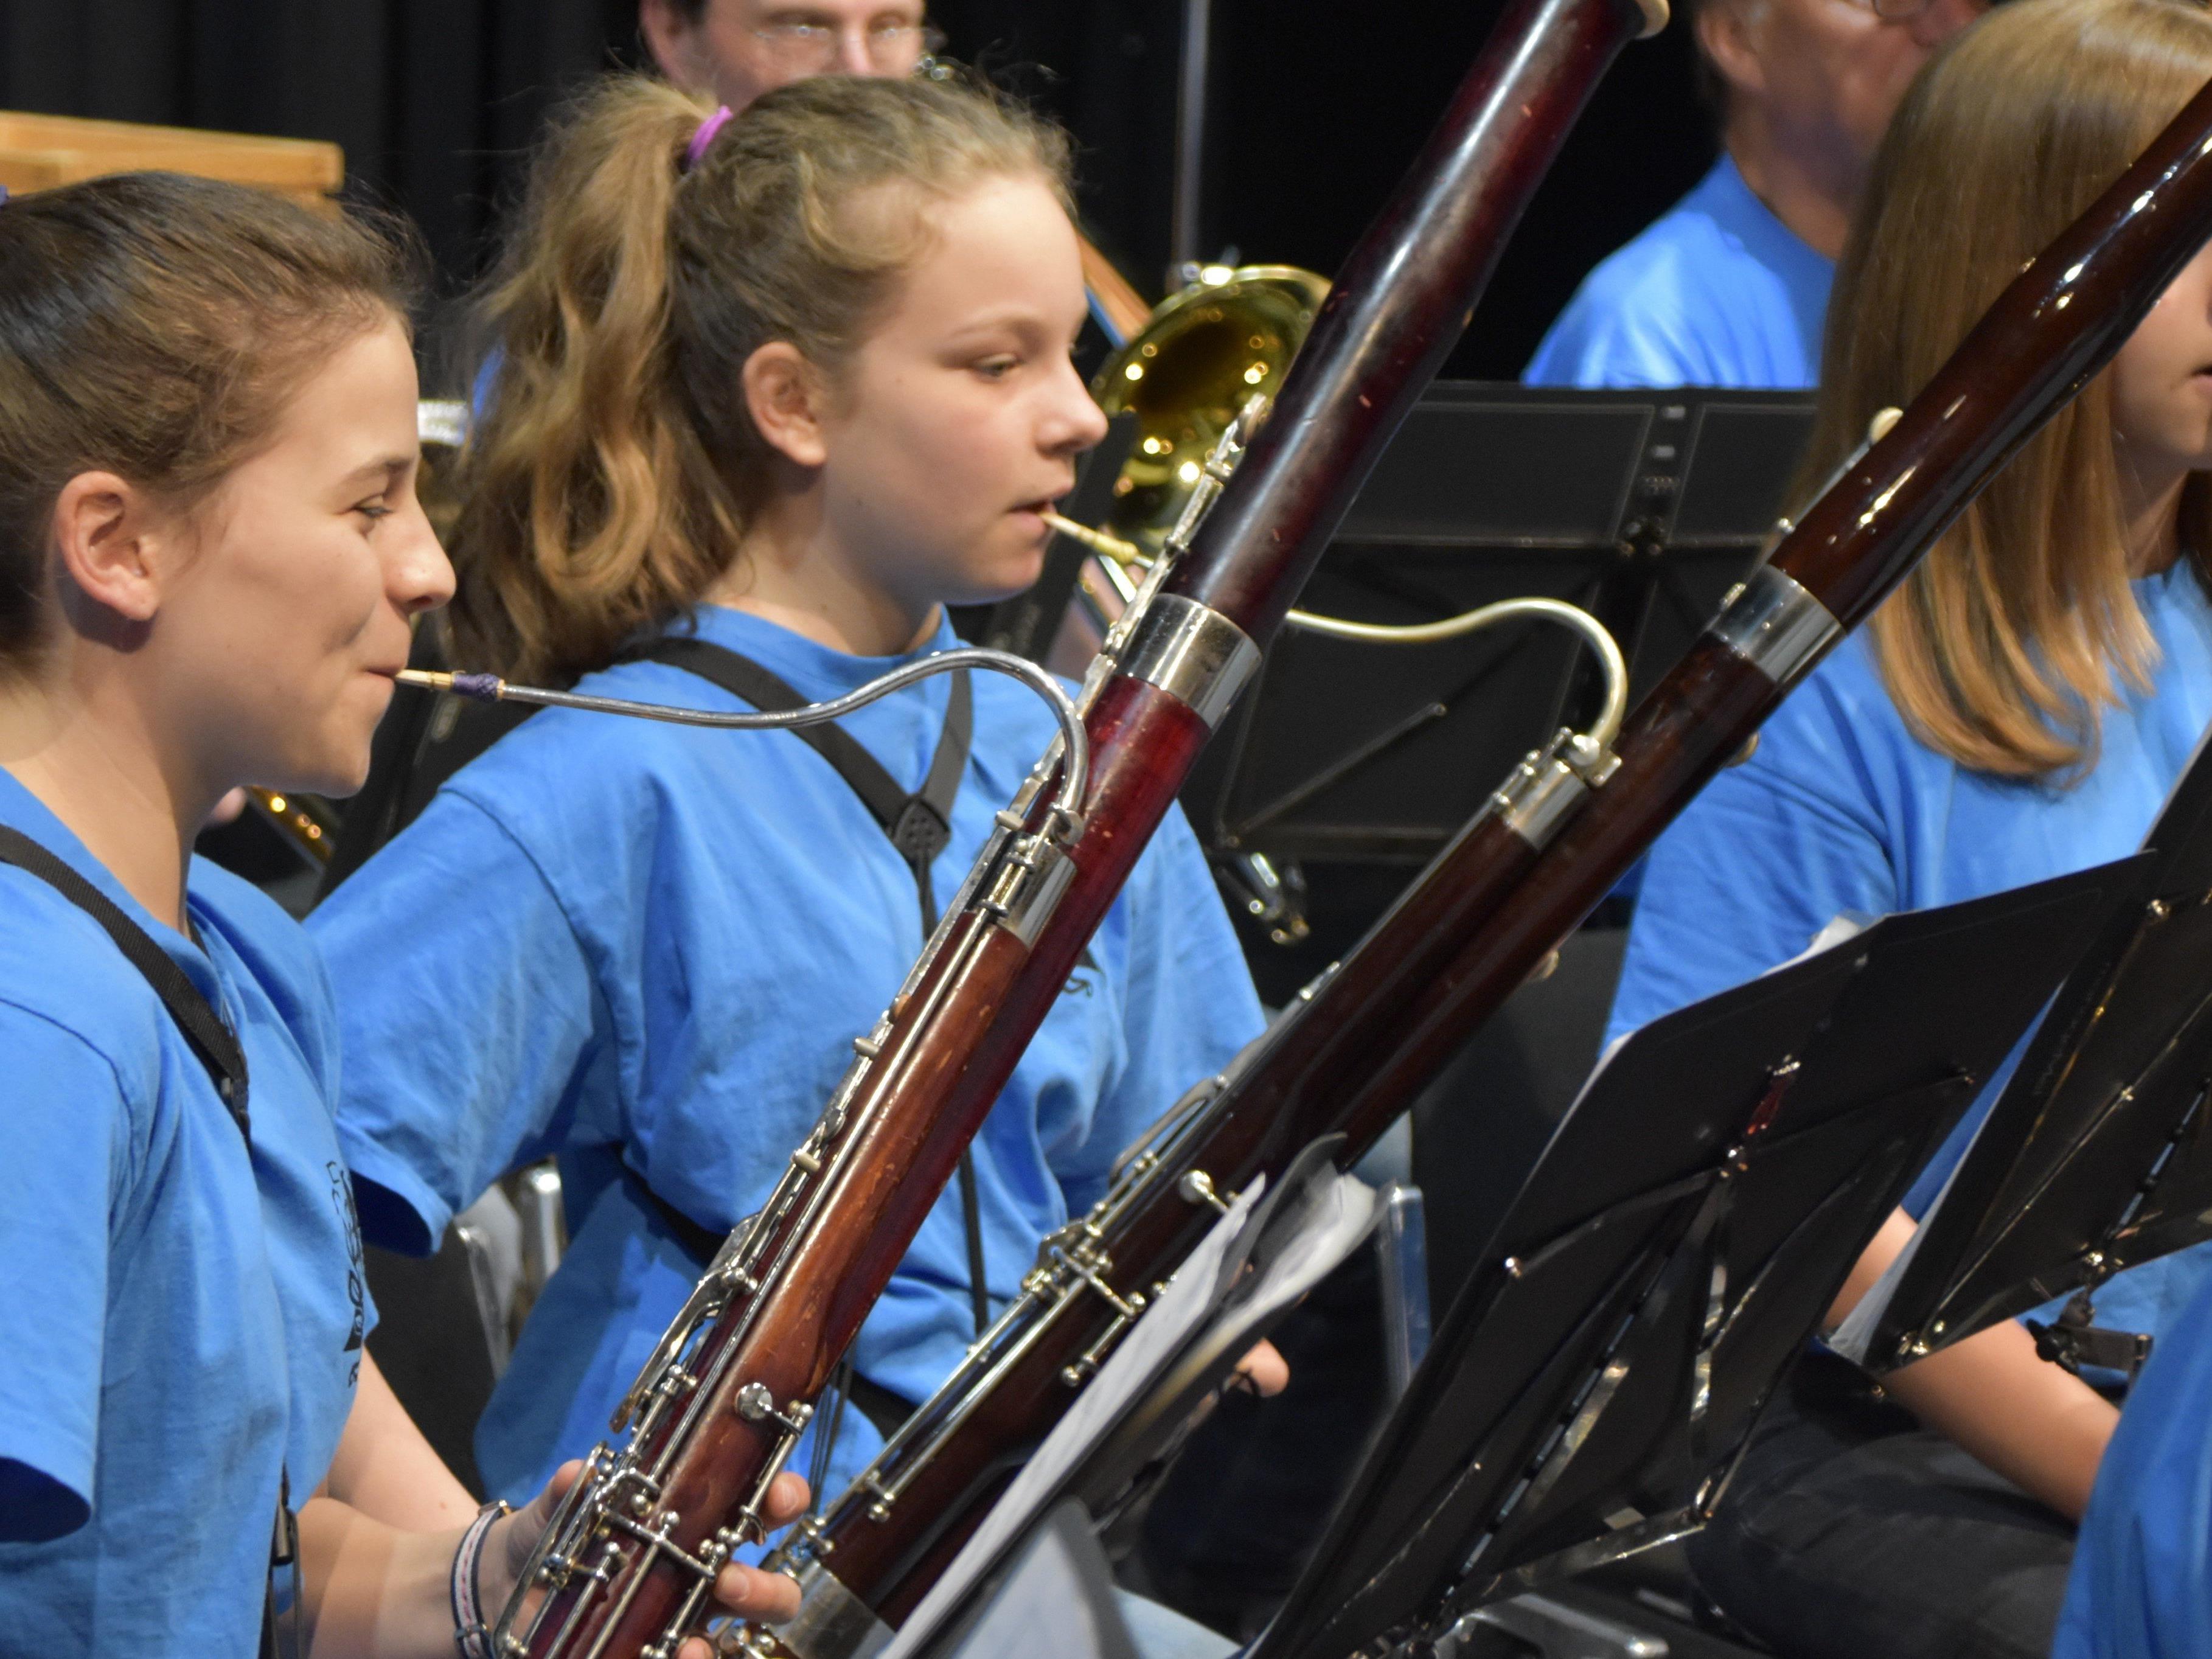 Fesselnder 10. Jugendblasorchester-Wettbewerb 2017